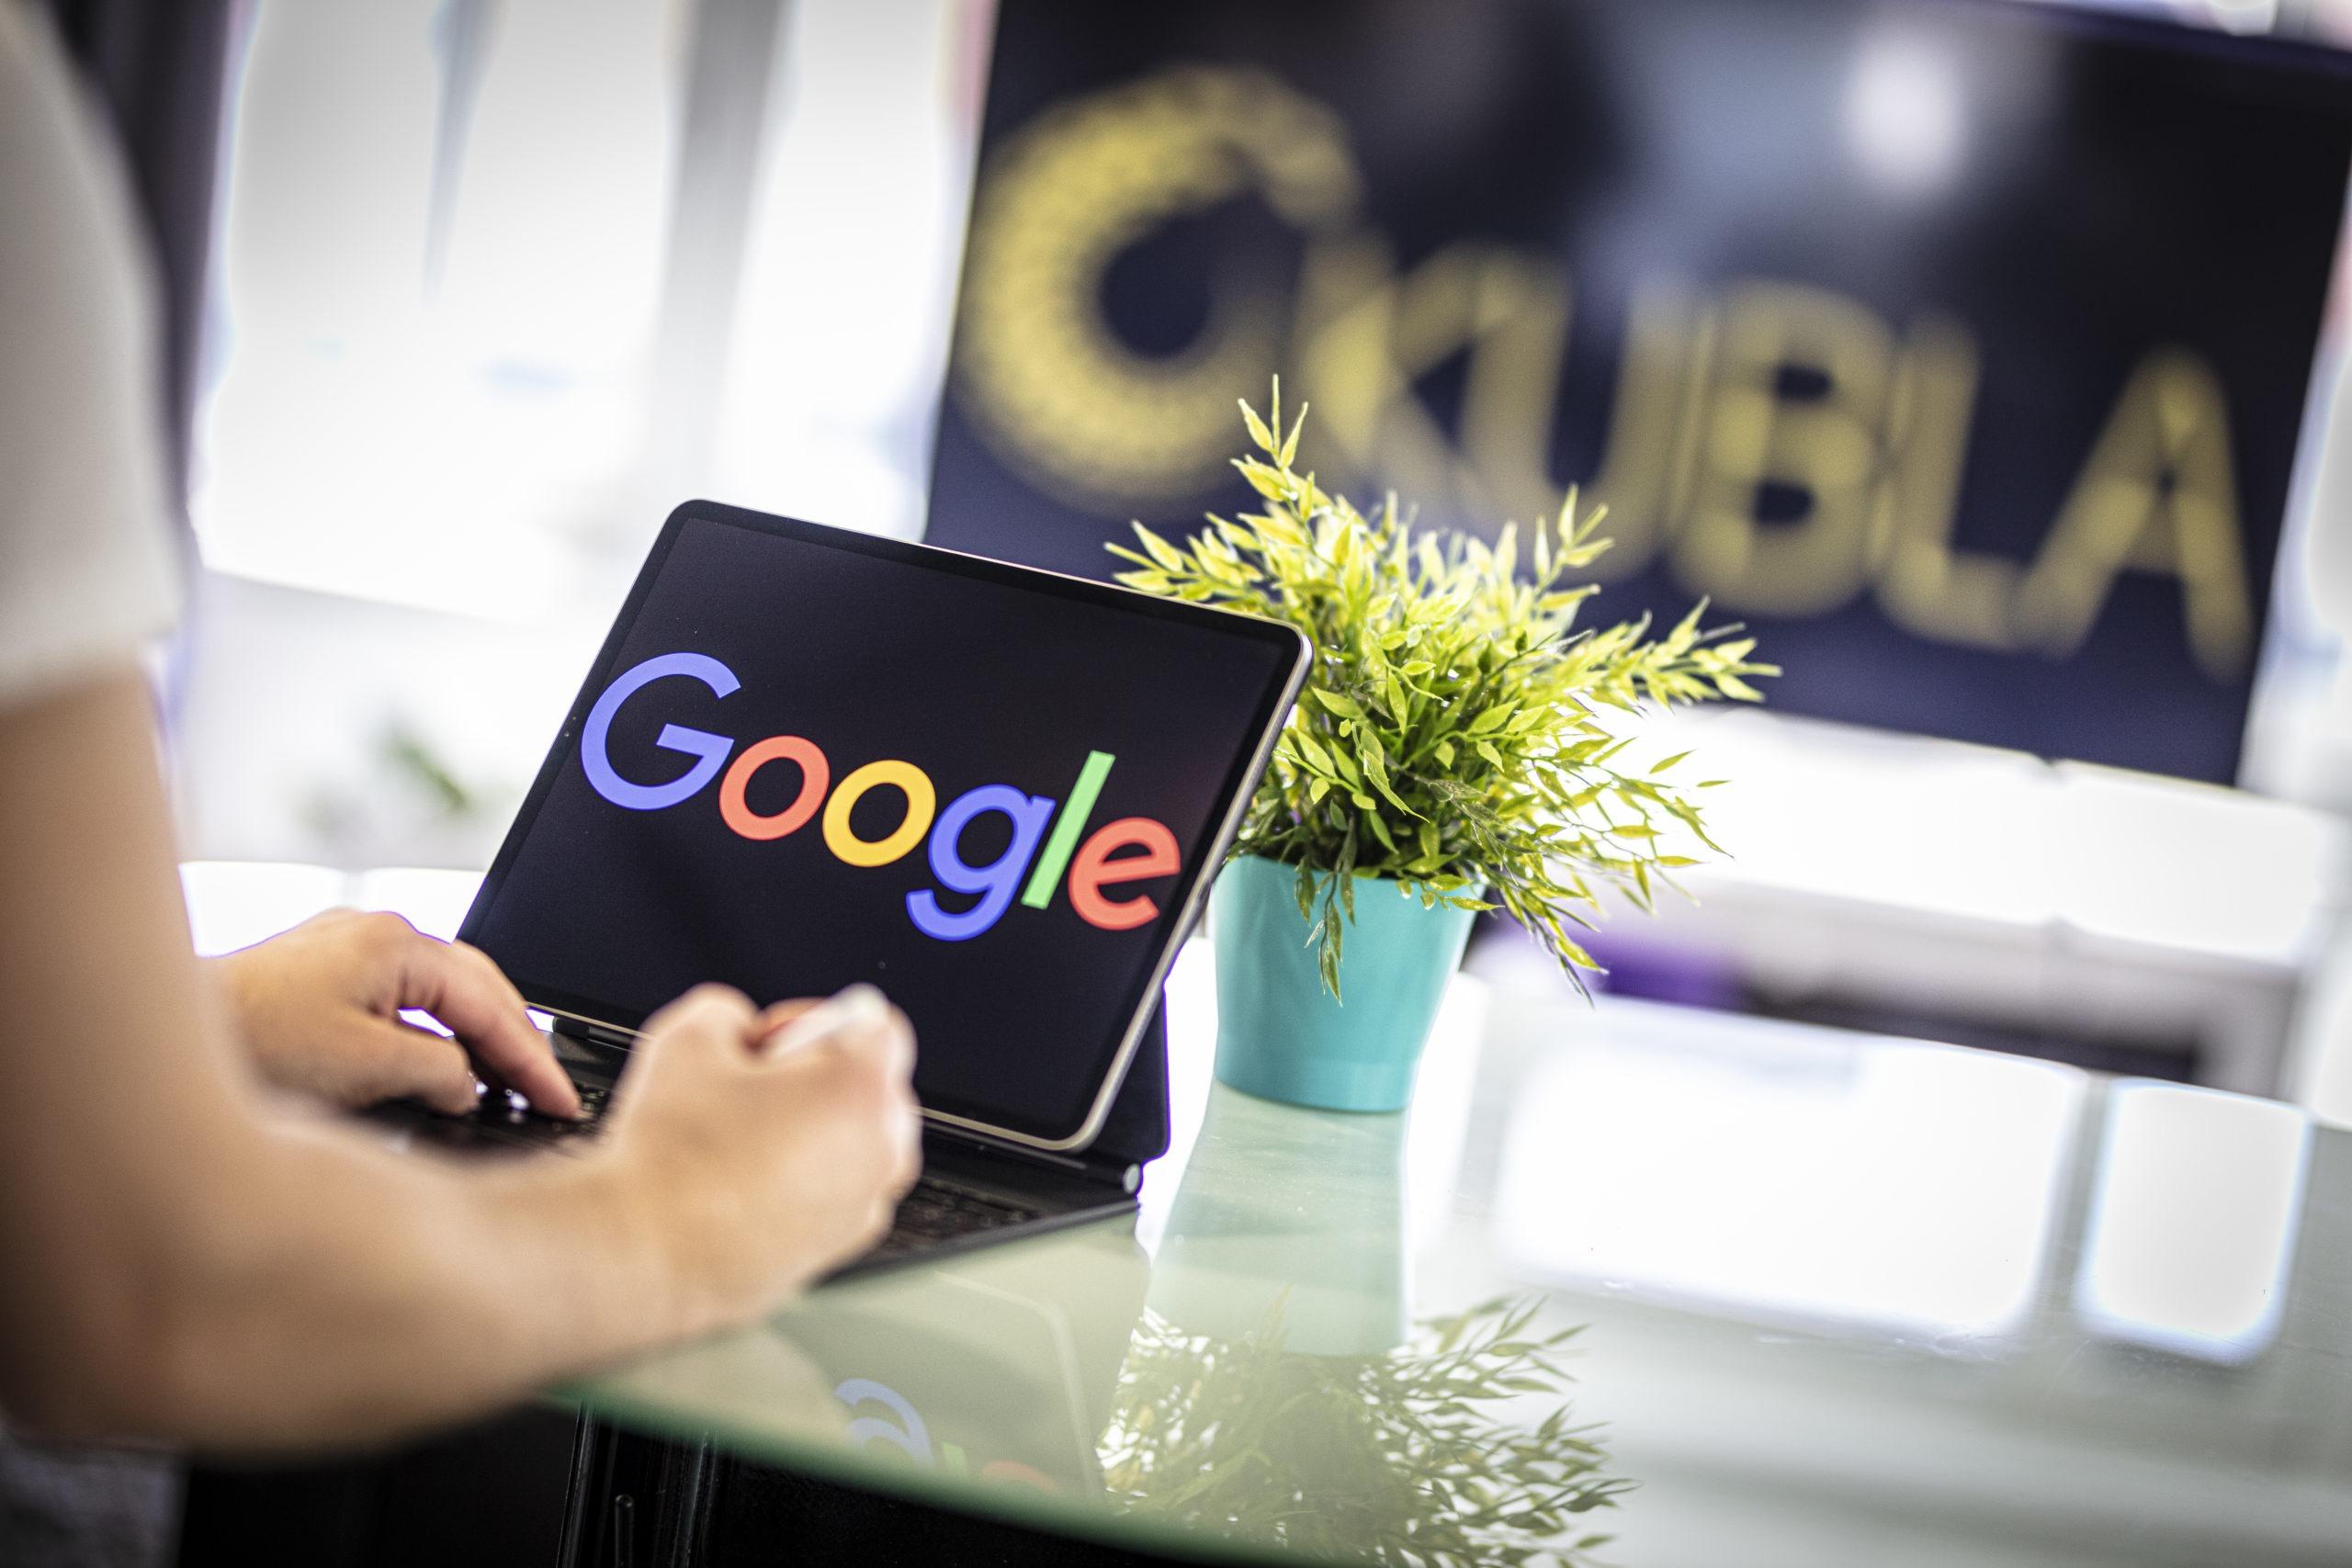 Google markkinointi